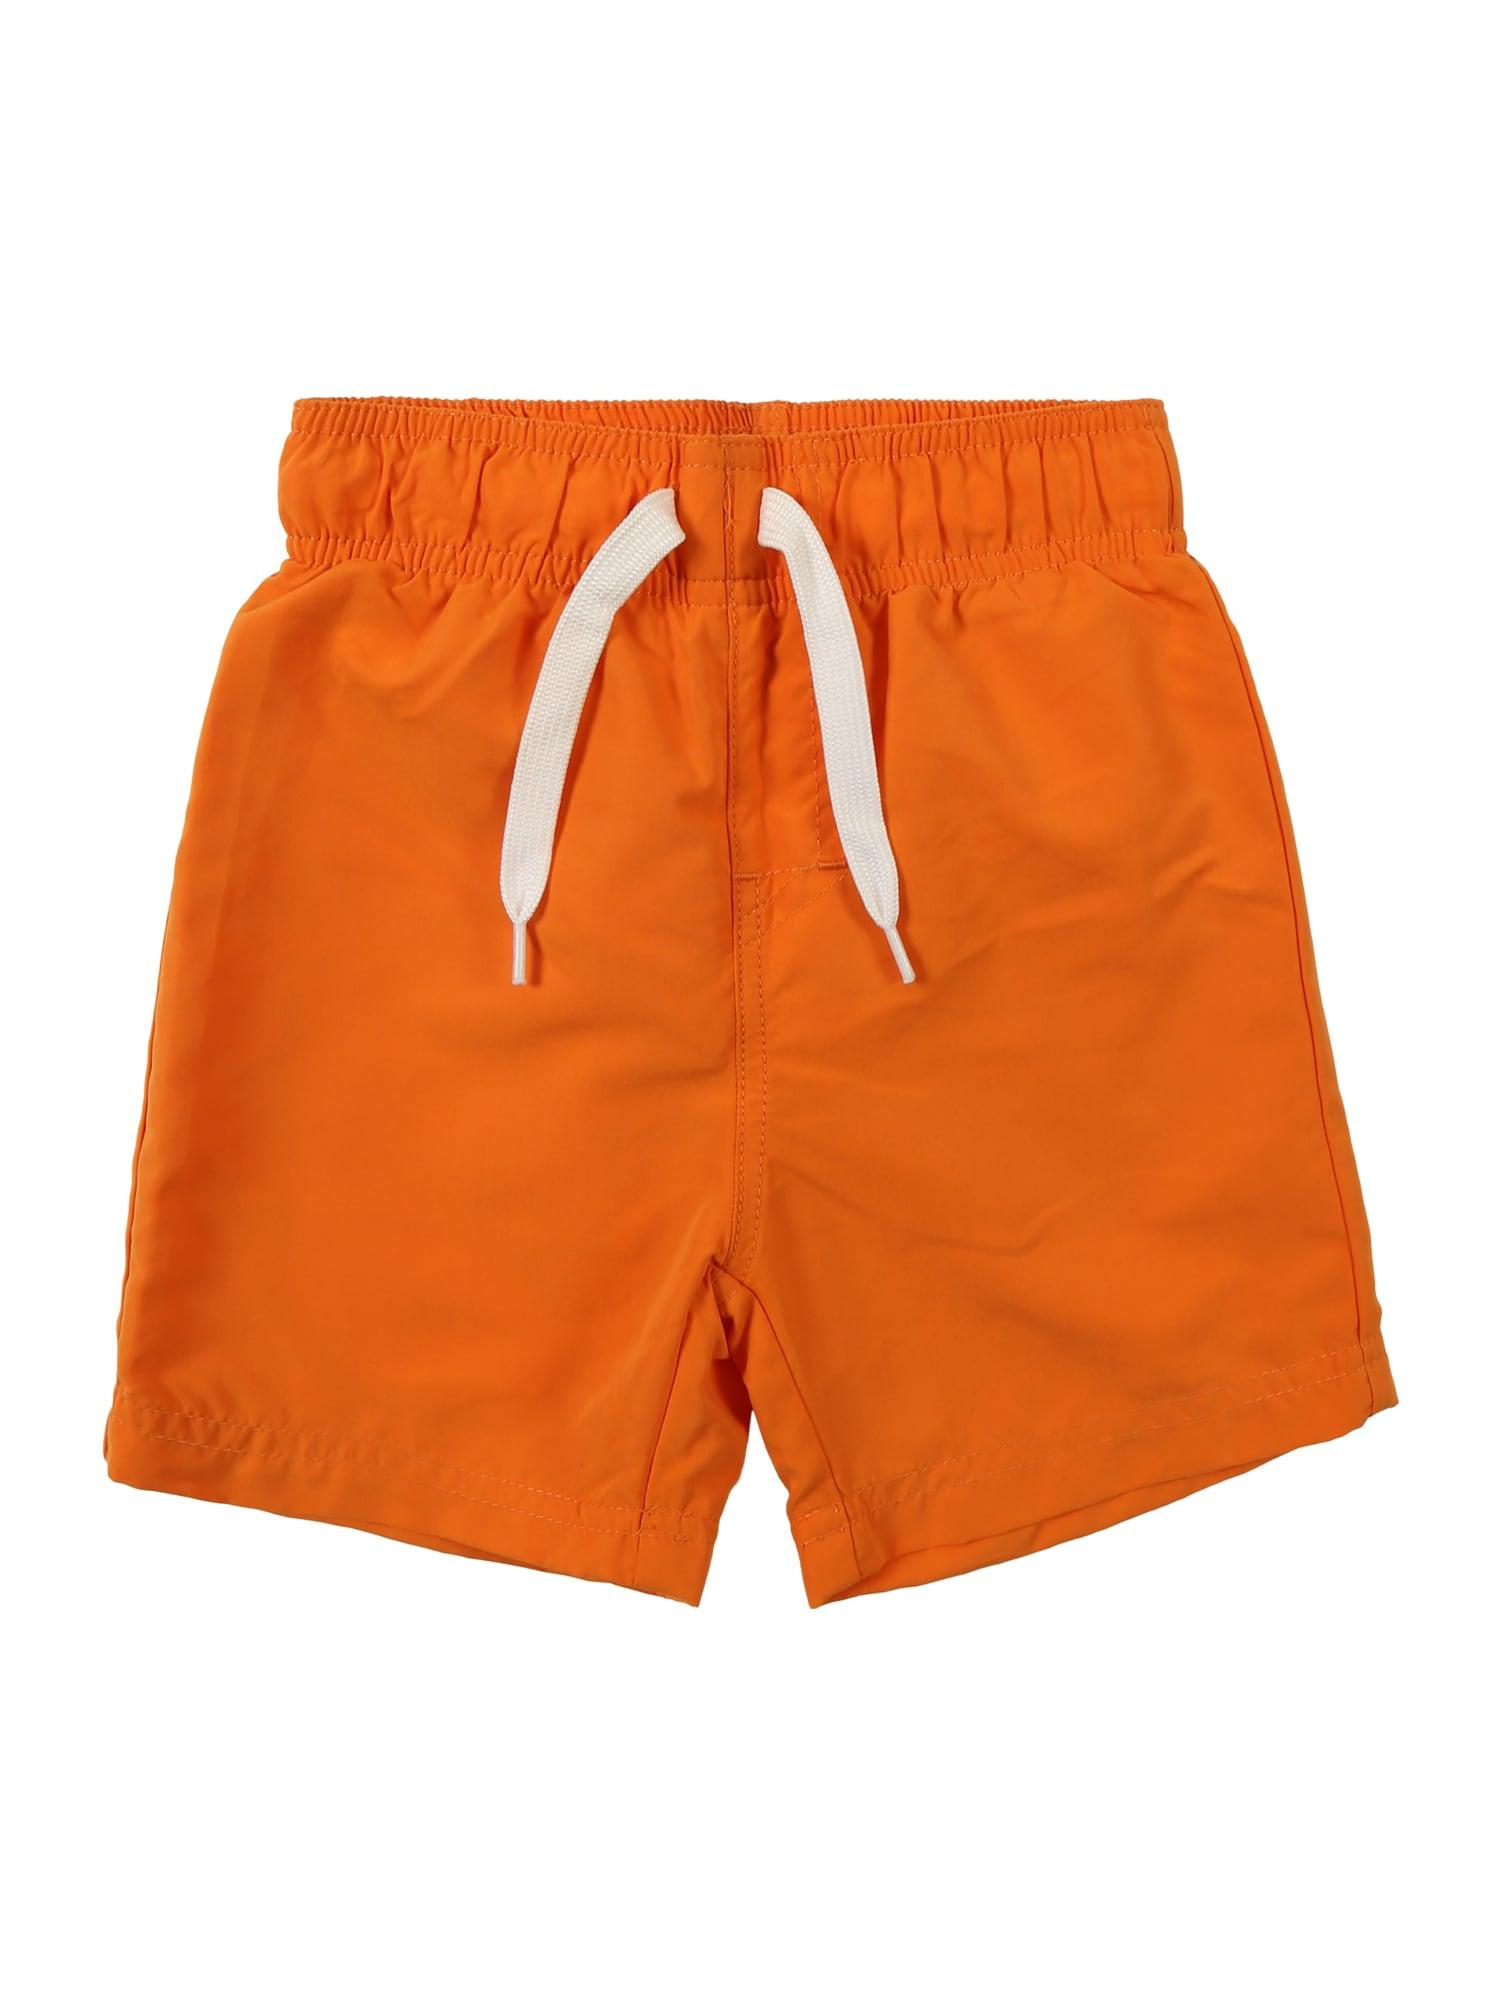 Plavecké šortky ZAKU  mandarinkoná  bílá NAME IT